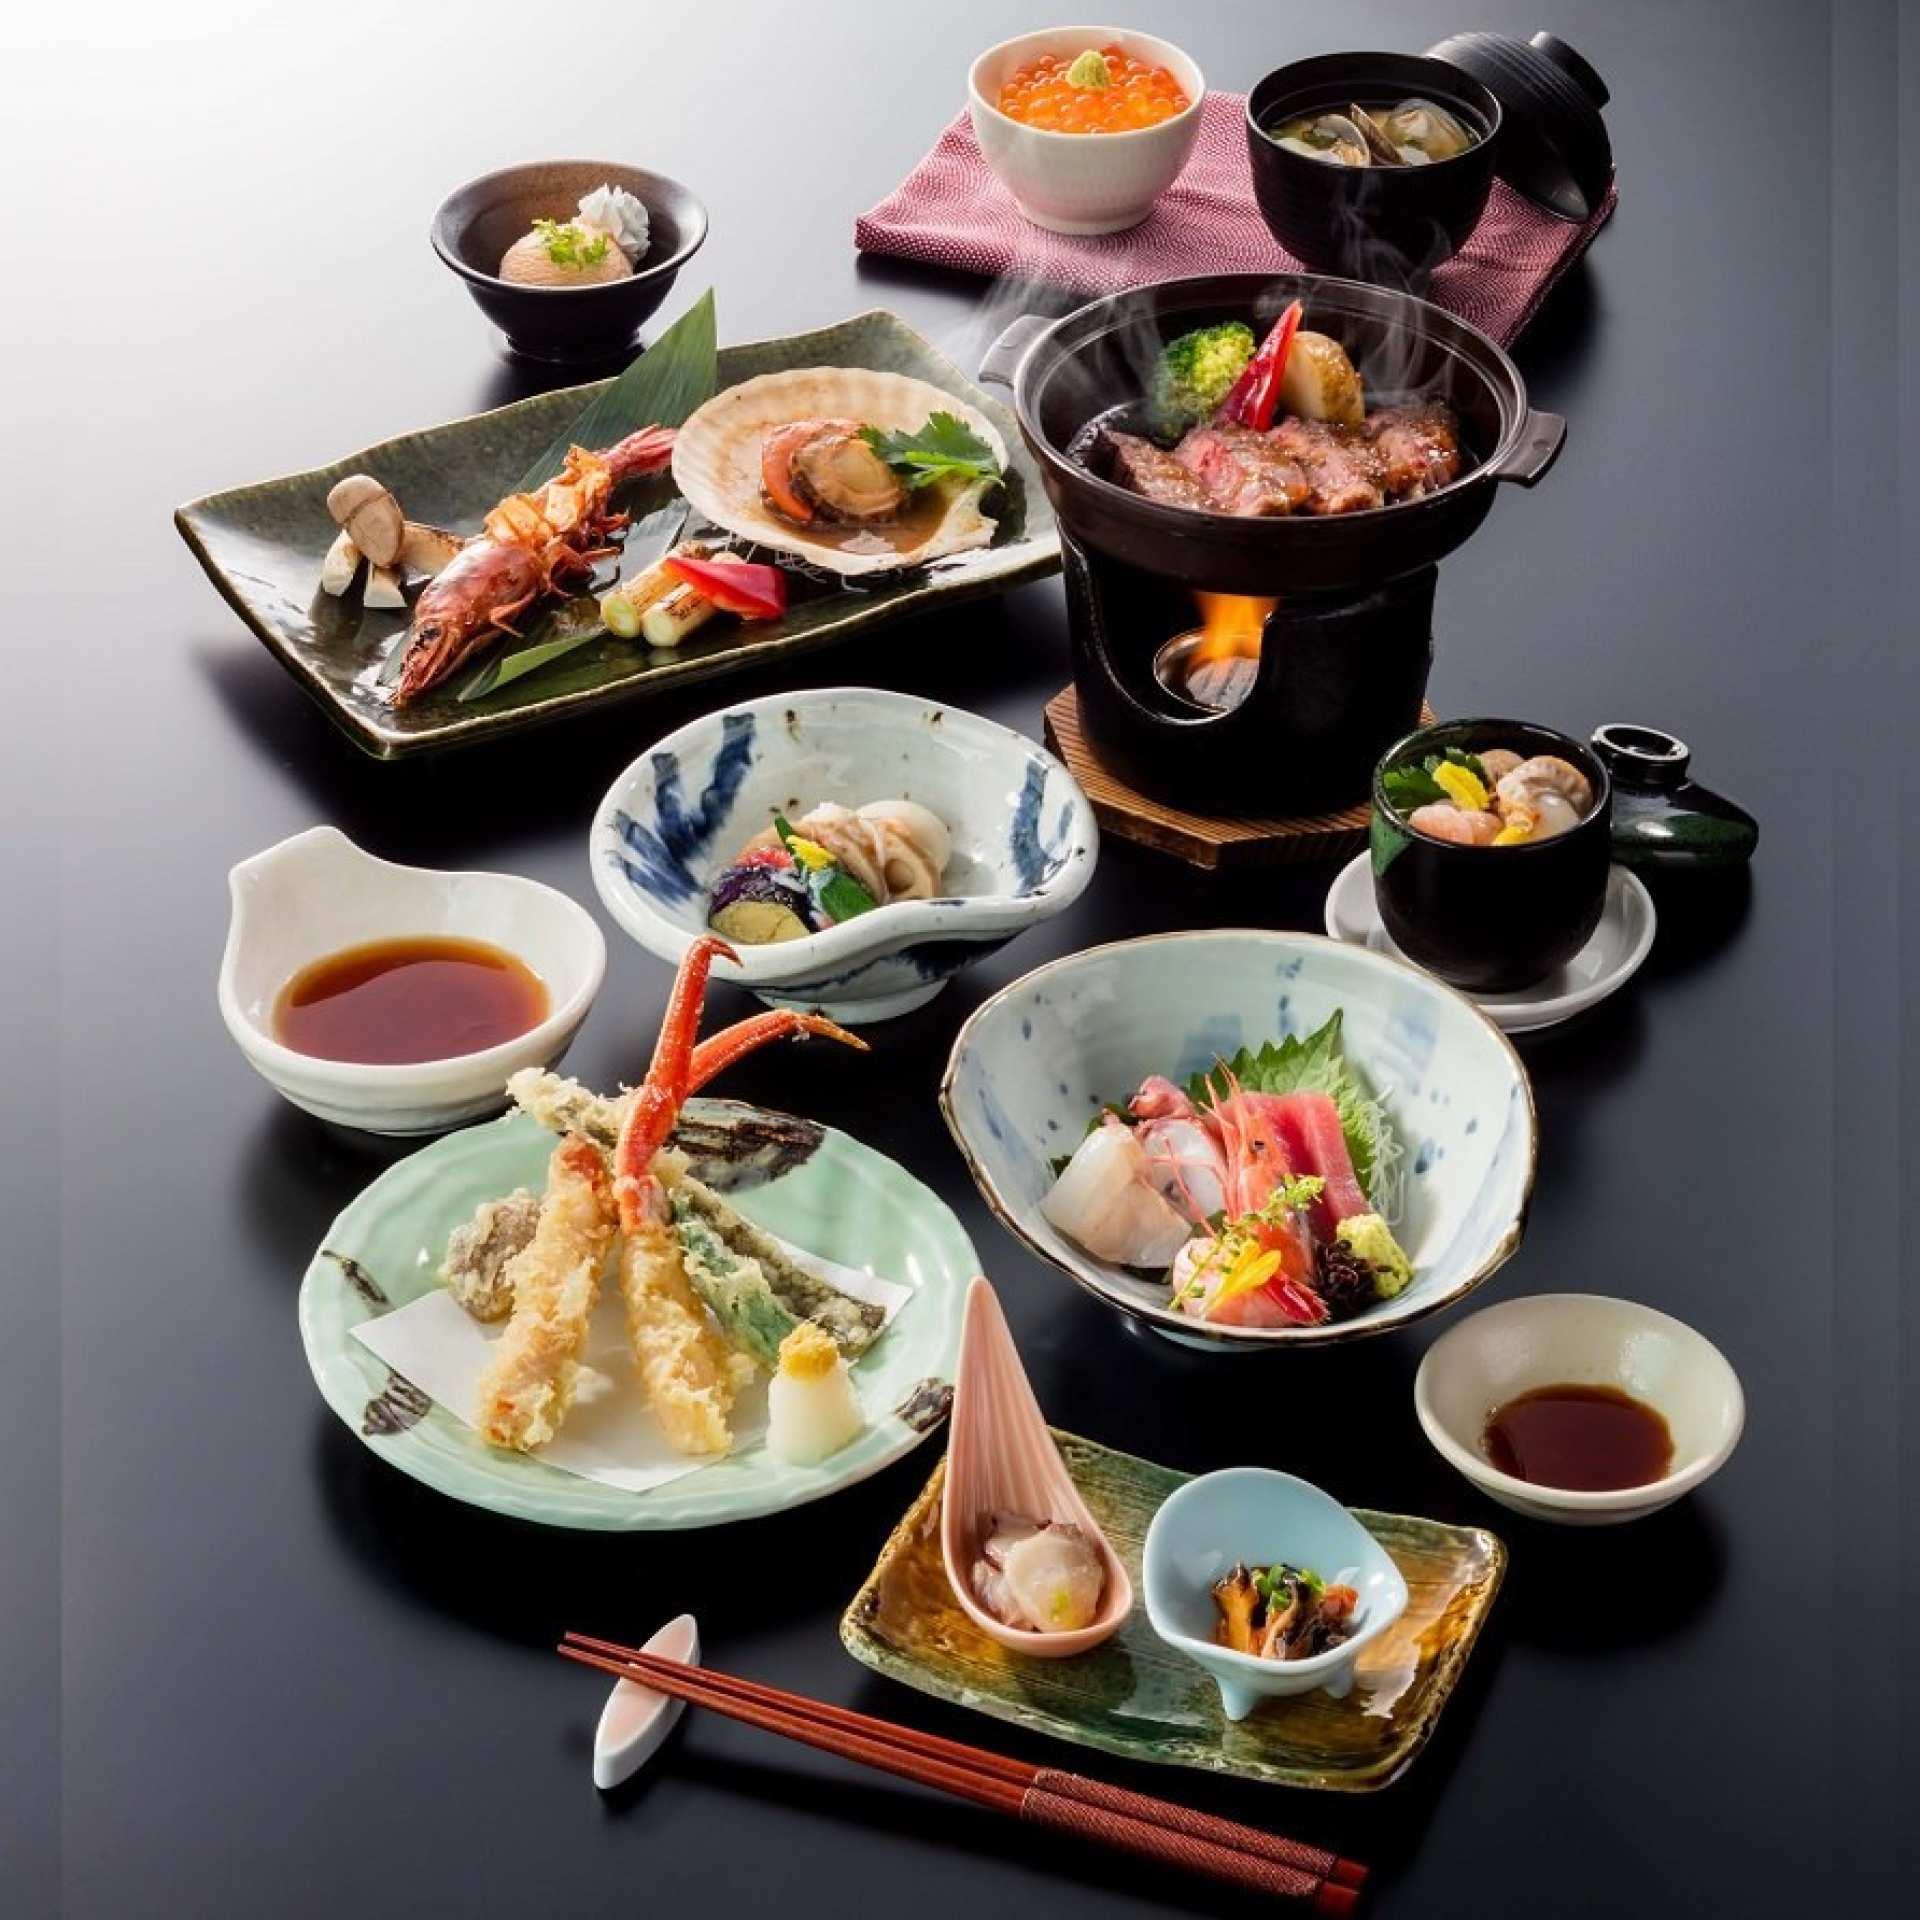 【東京美食】新宿海鮮料理餐廳・北の味紀行と地酒北海道 新宿西口店